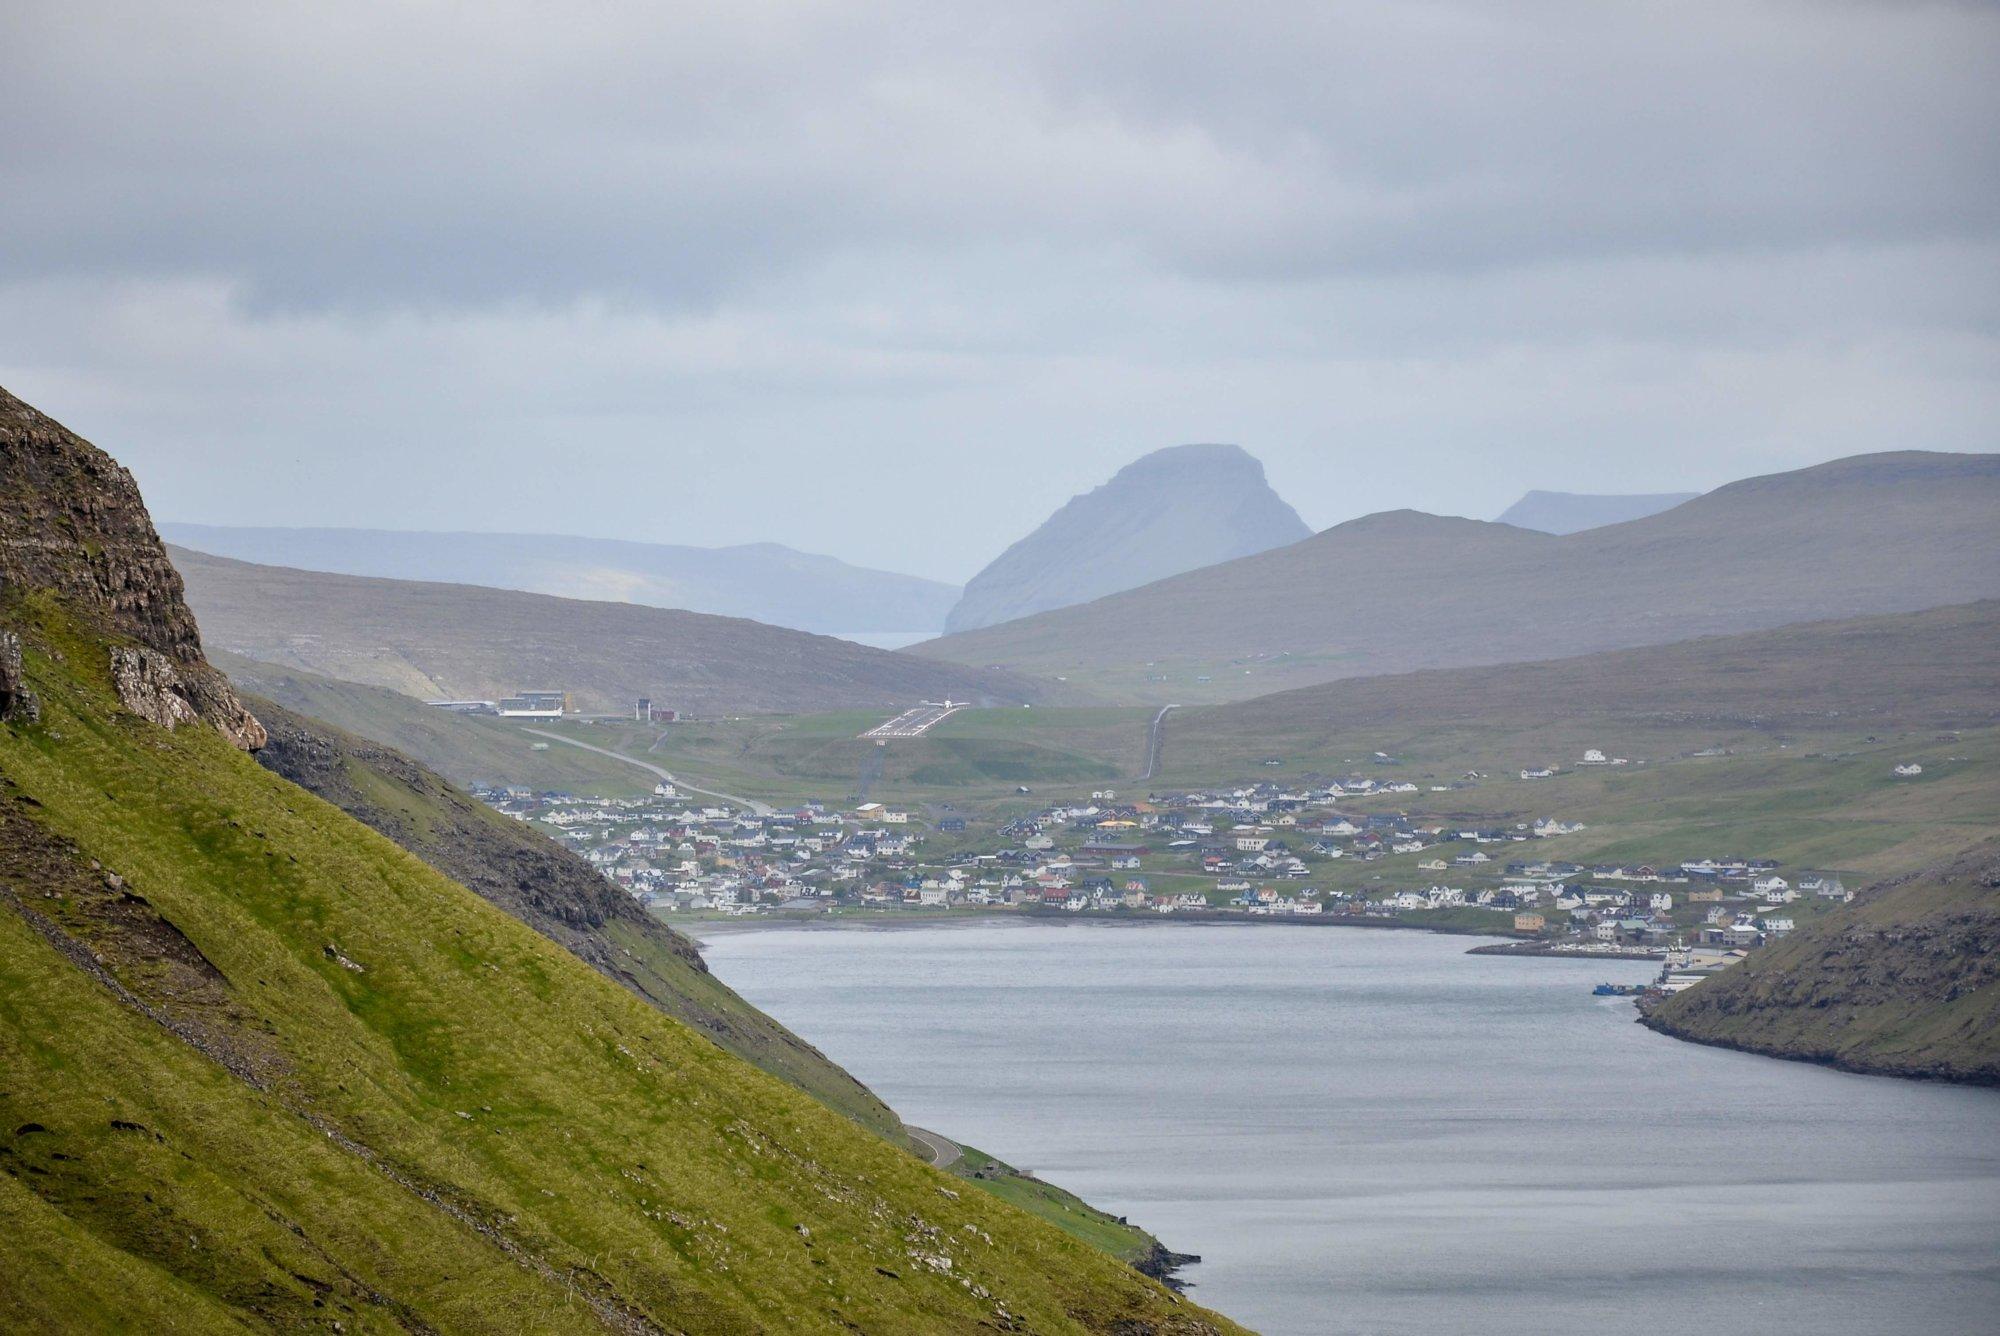 Pas startowy lotniska na Wyspach Owczych widziany z zachodu